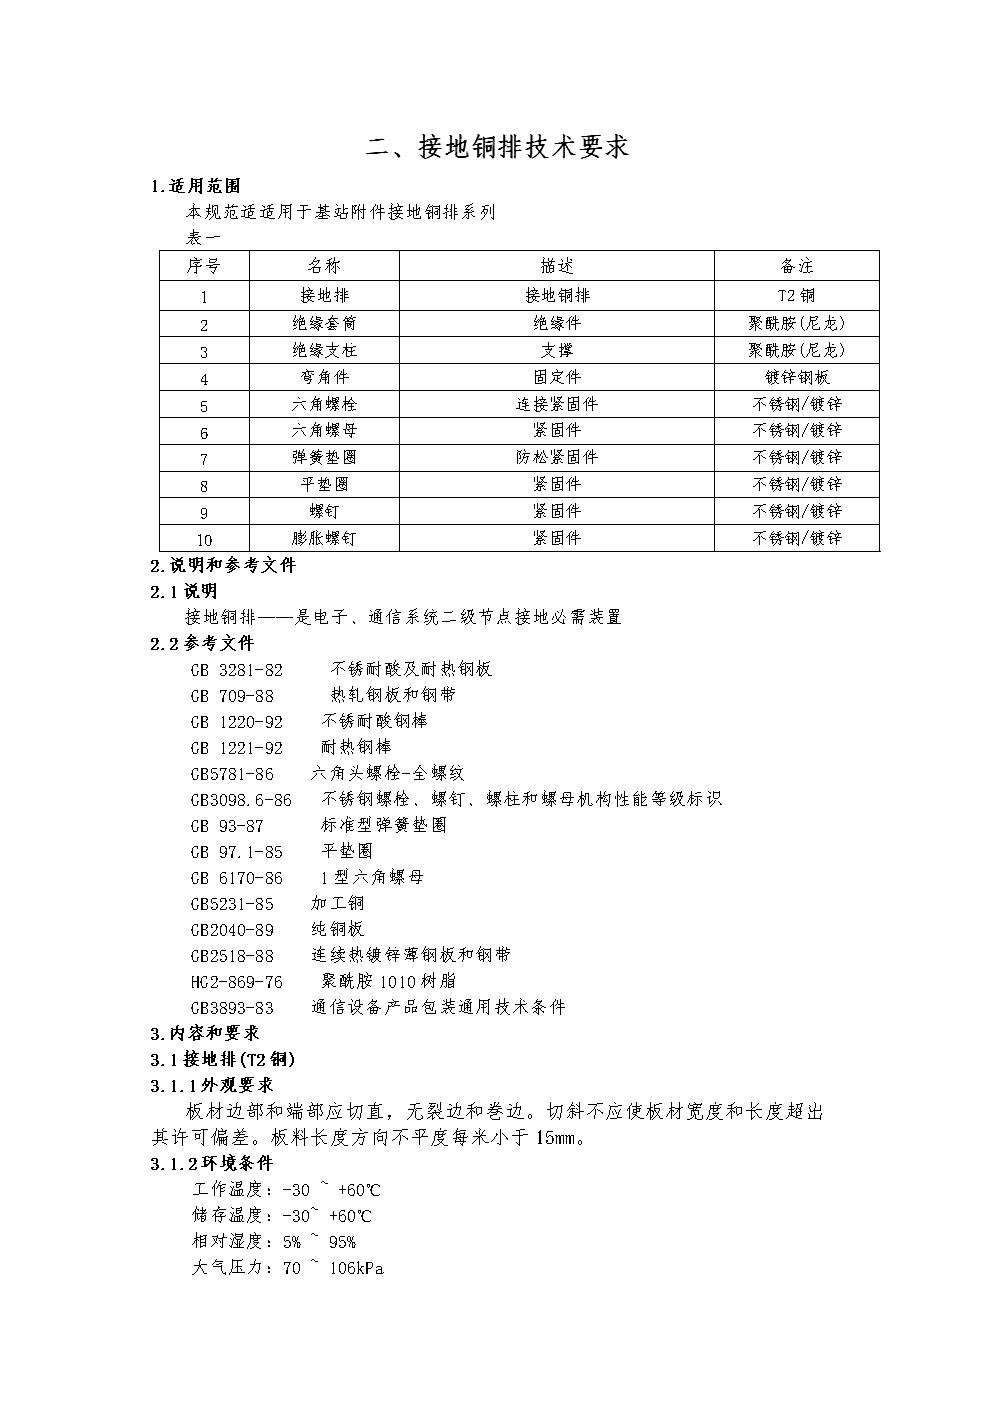 接地铜牌铜鼻子关键技术标准规范.docx